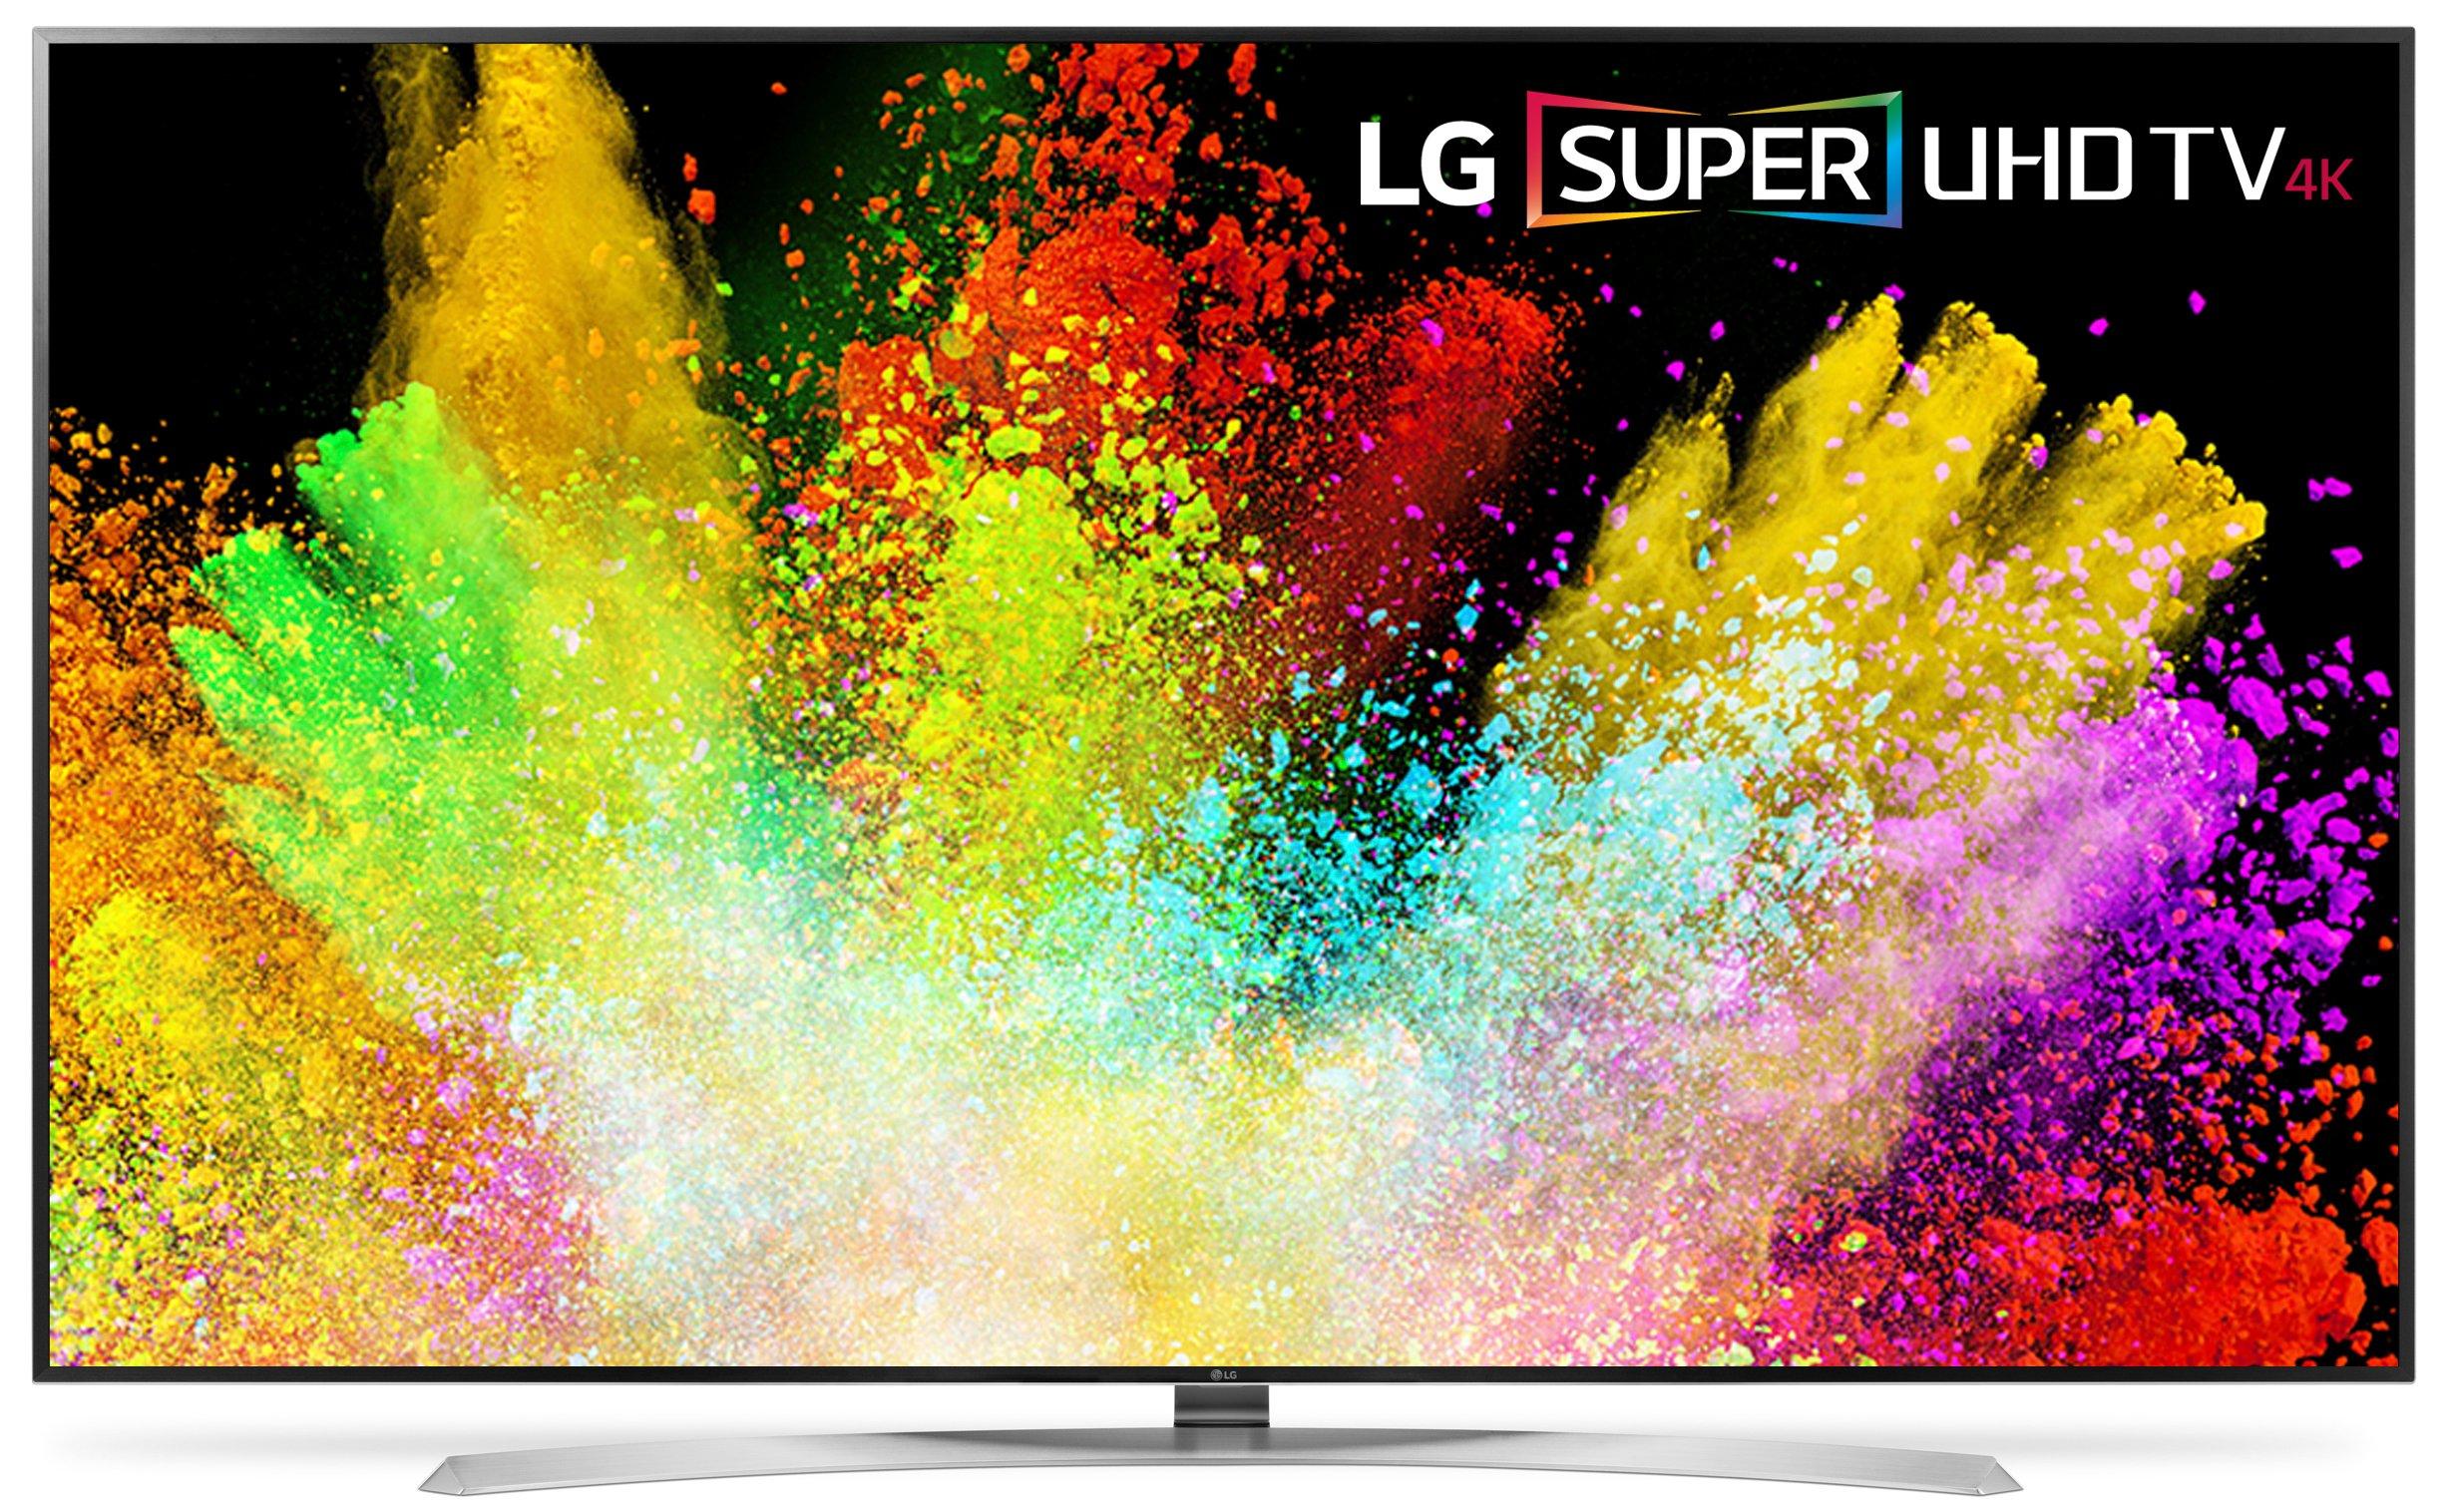 LG Electronics 86SJ9570 86-Inch 4K Ultra HD Smart LED TV (2017 Model) by LG